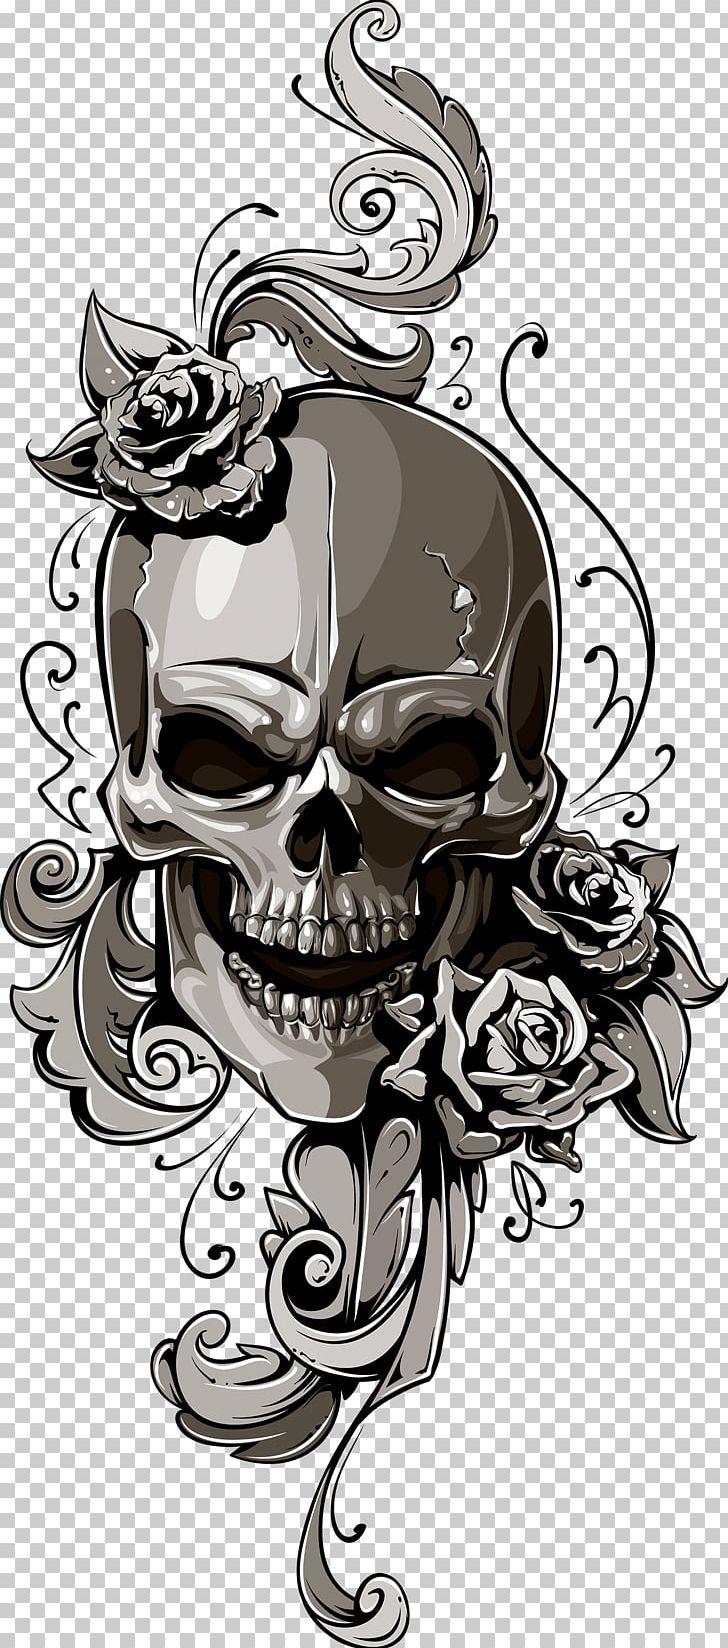 Calavera Tattoo Flash old school (tattoo) human skull symbolism png, clipart, art